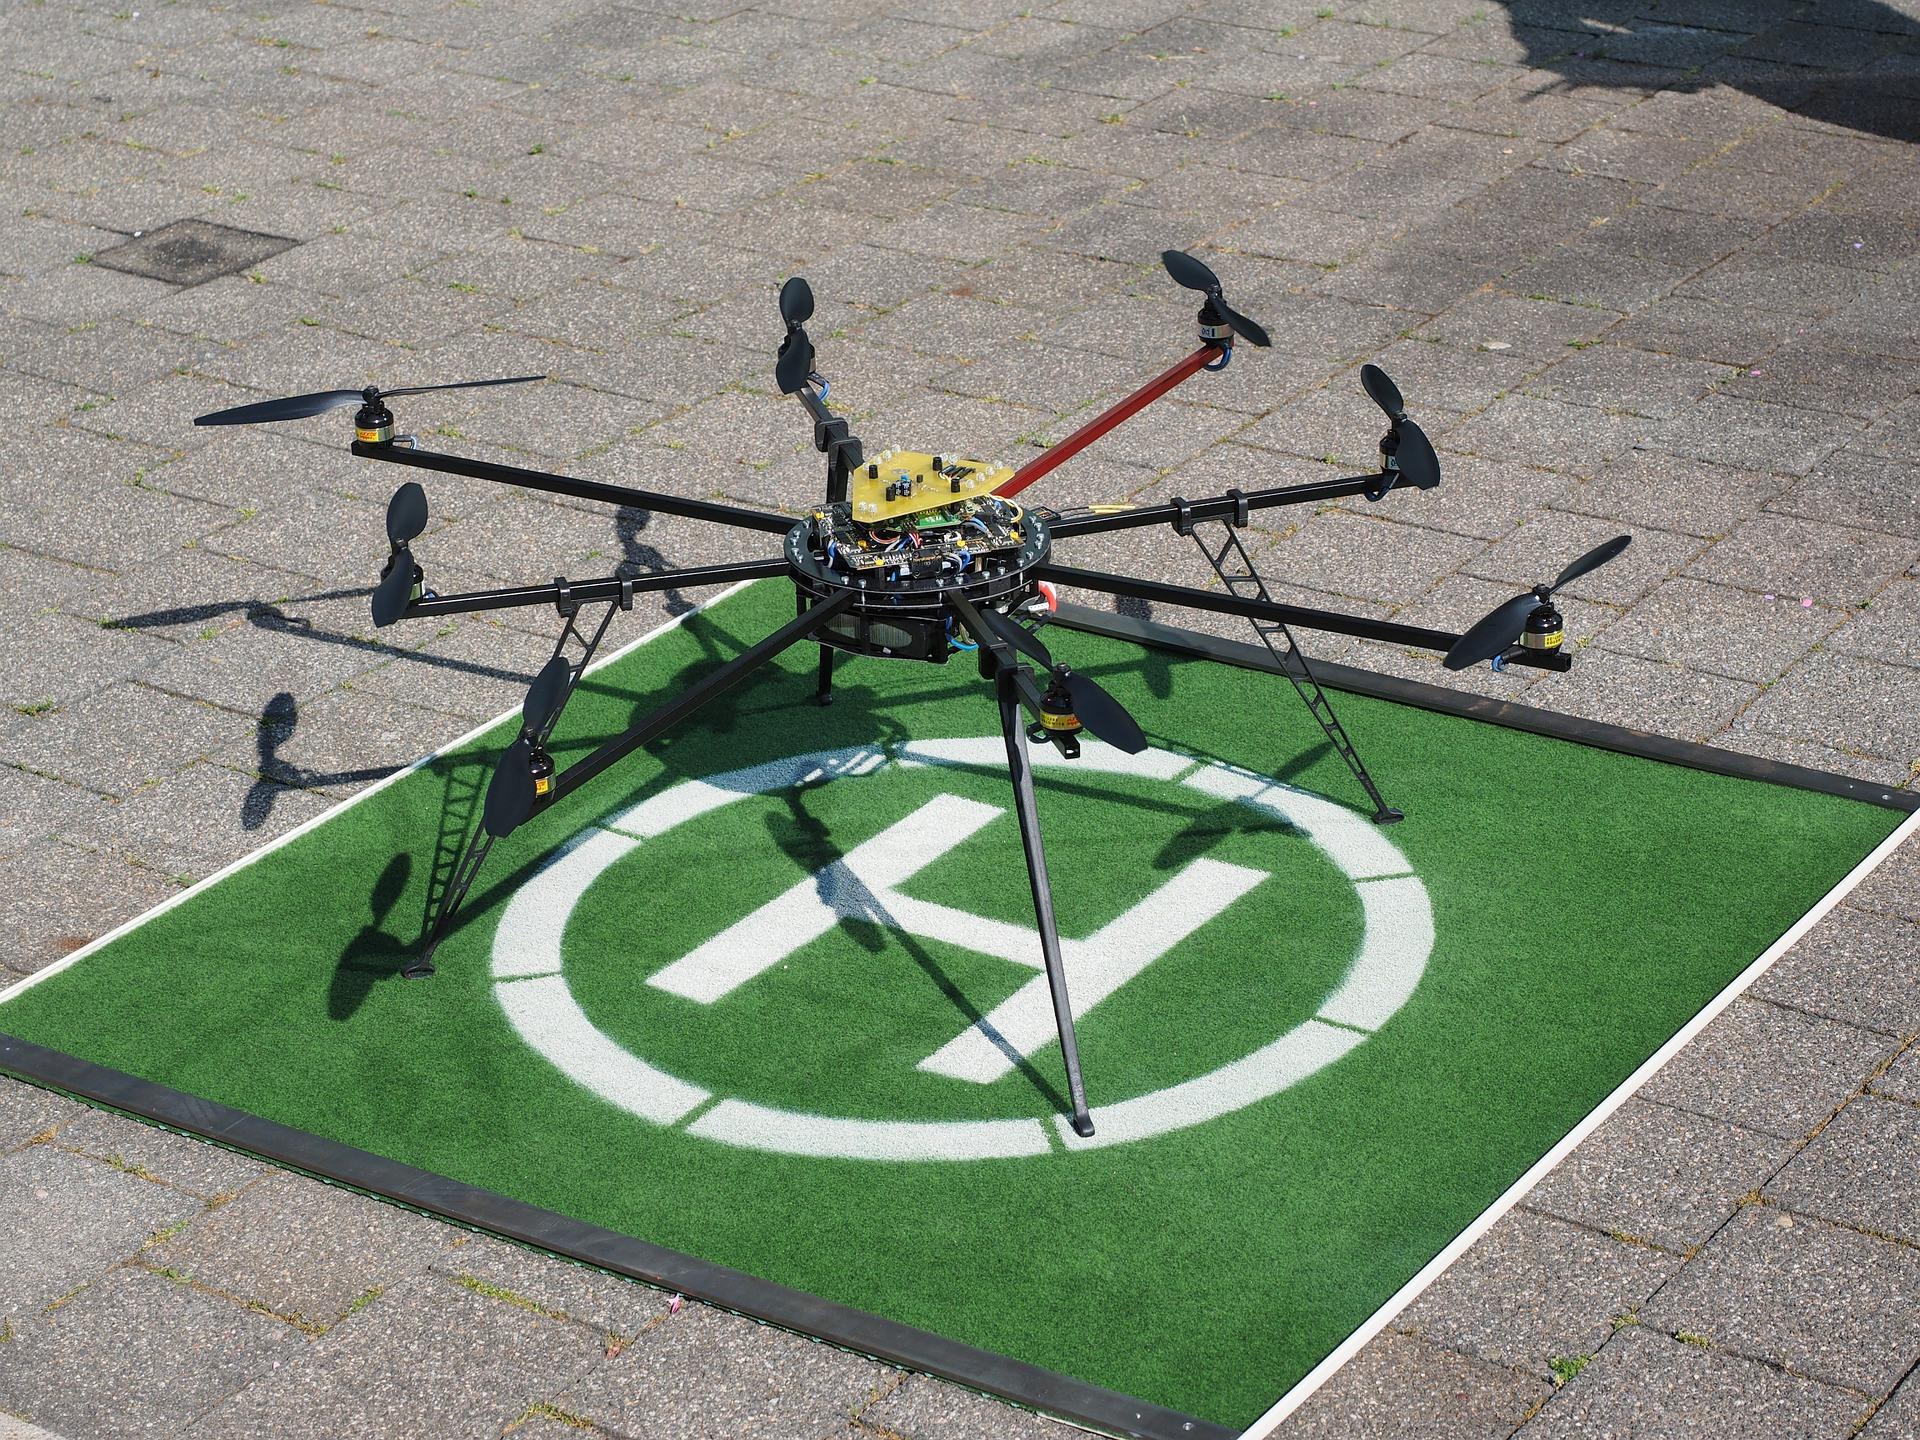 drone-592217_1920